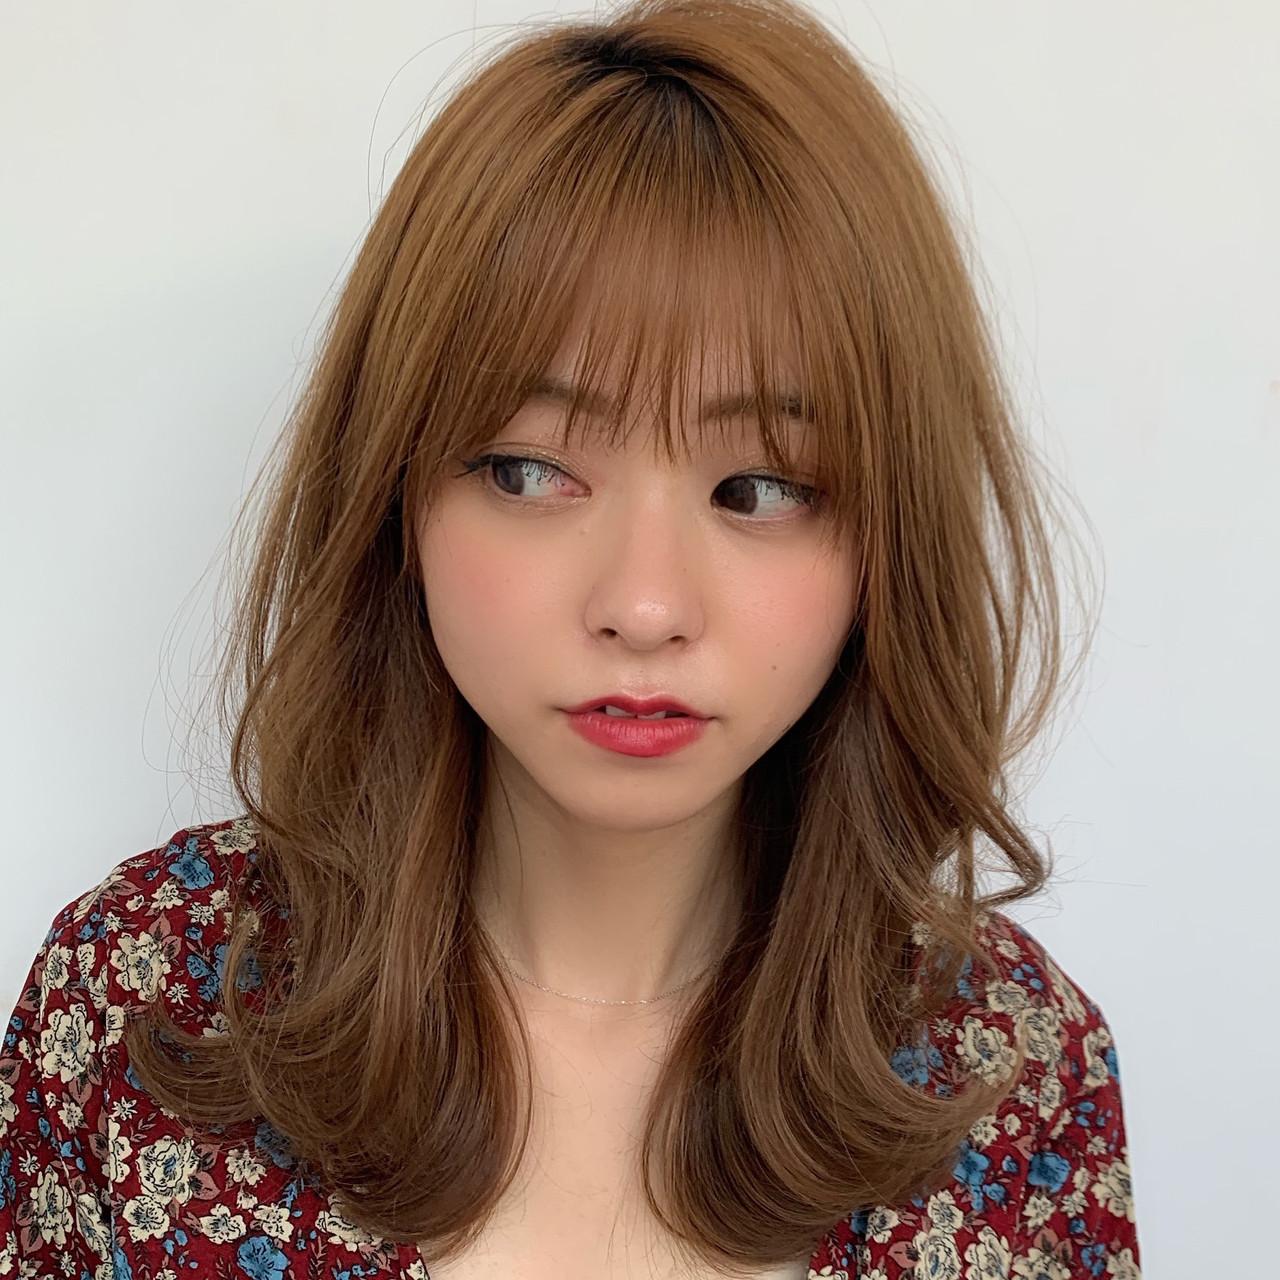 小顔ヘア ミディアム シースルーバング 前髪 ヘアスタイルや髪型の写真・画像